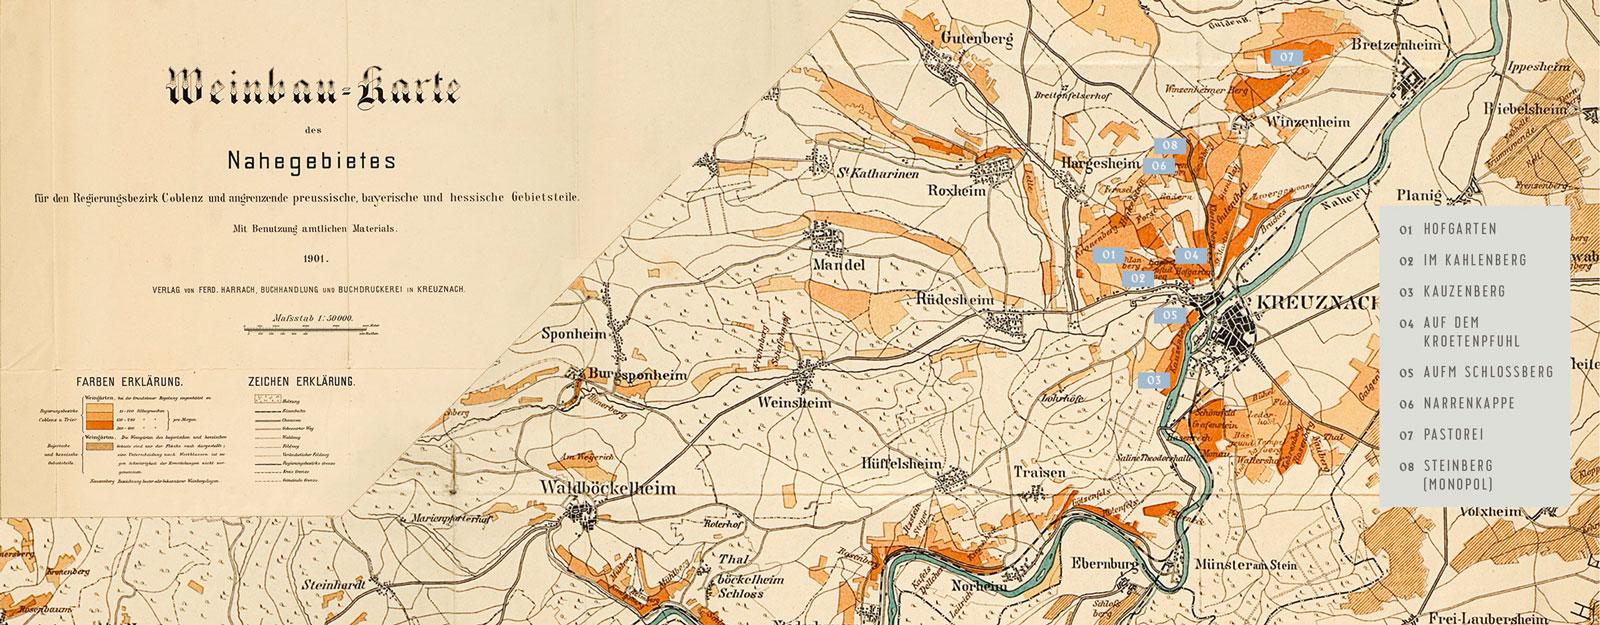 Lagenkarte-Weinbau-Bad-Kreuznach